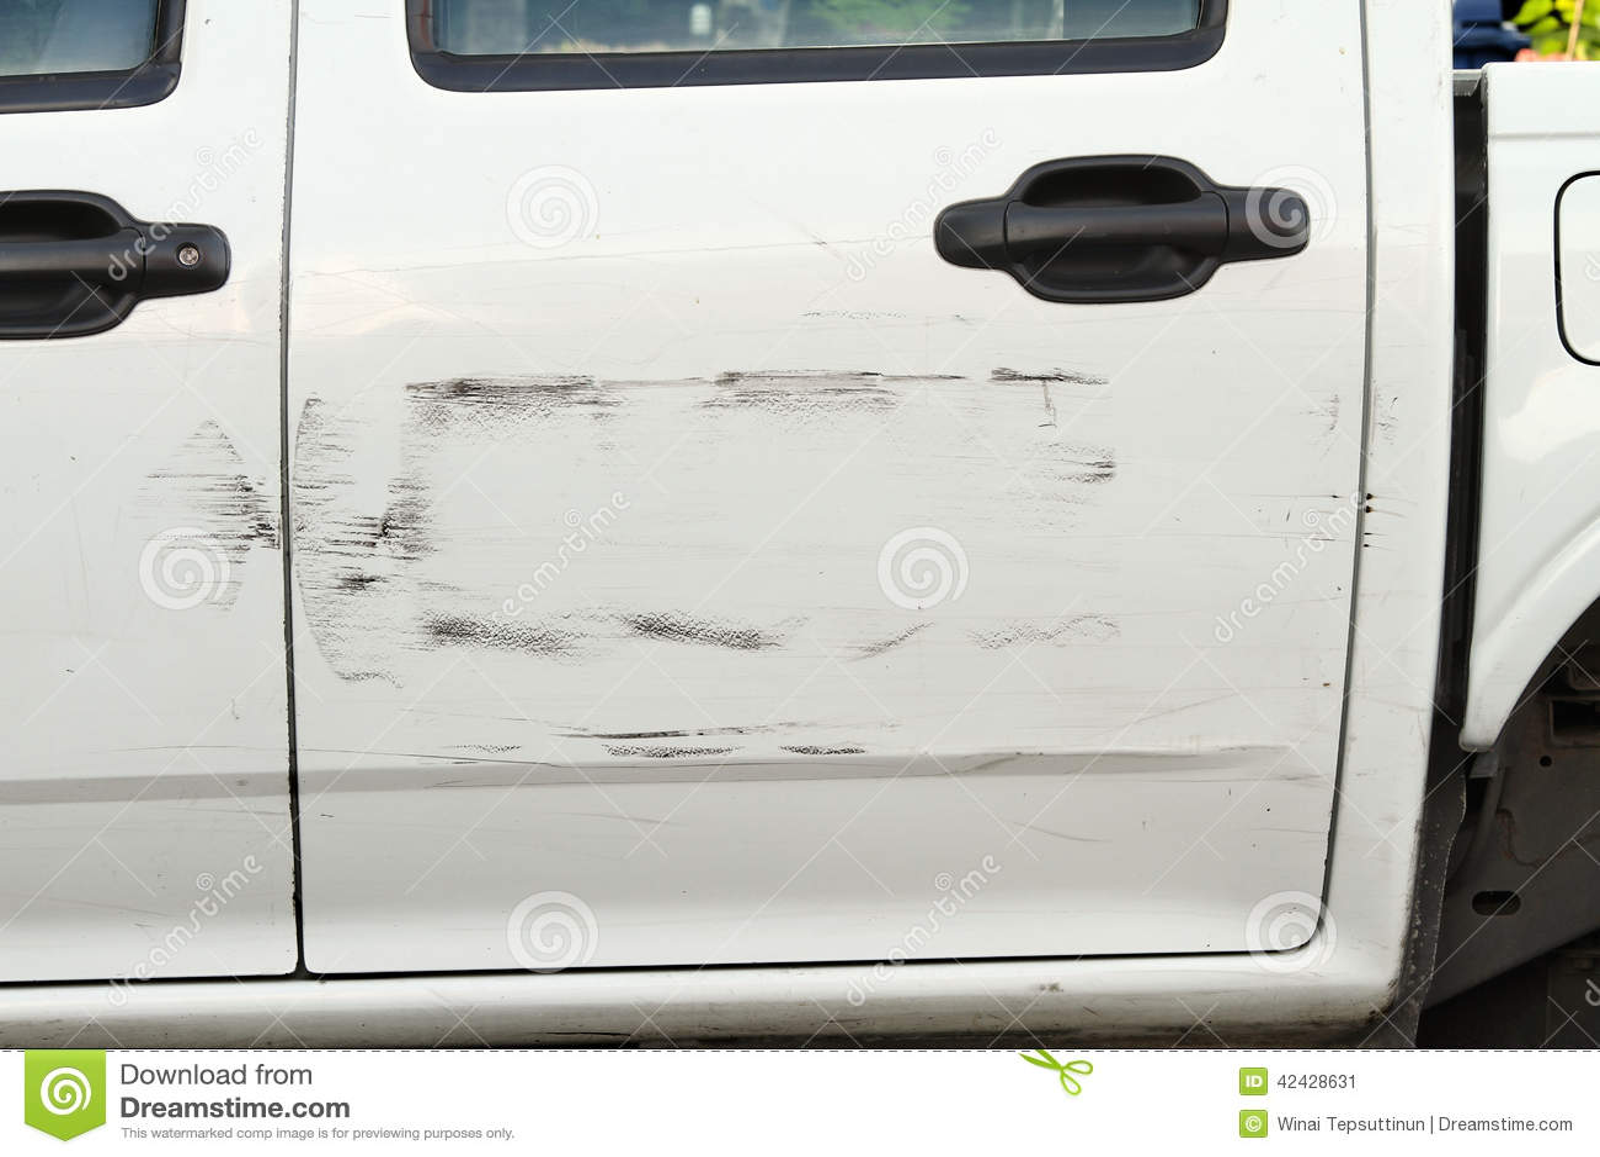 Pintura rasguñada del coche